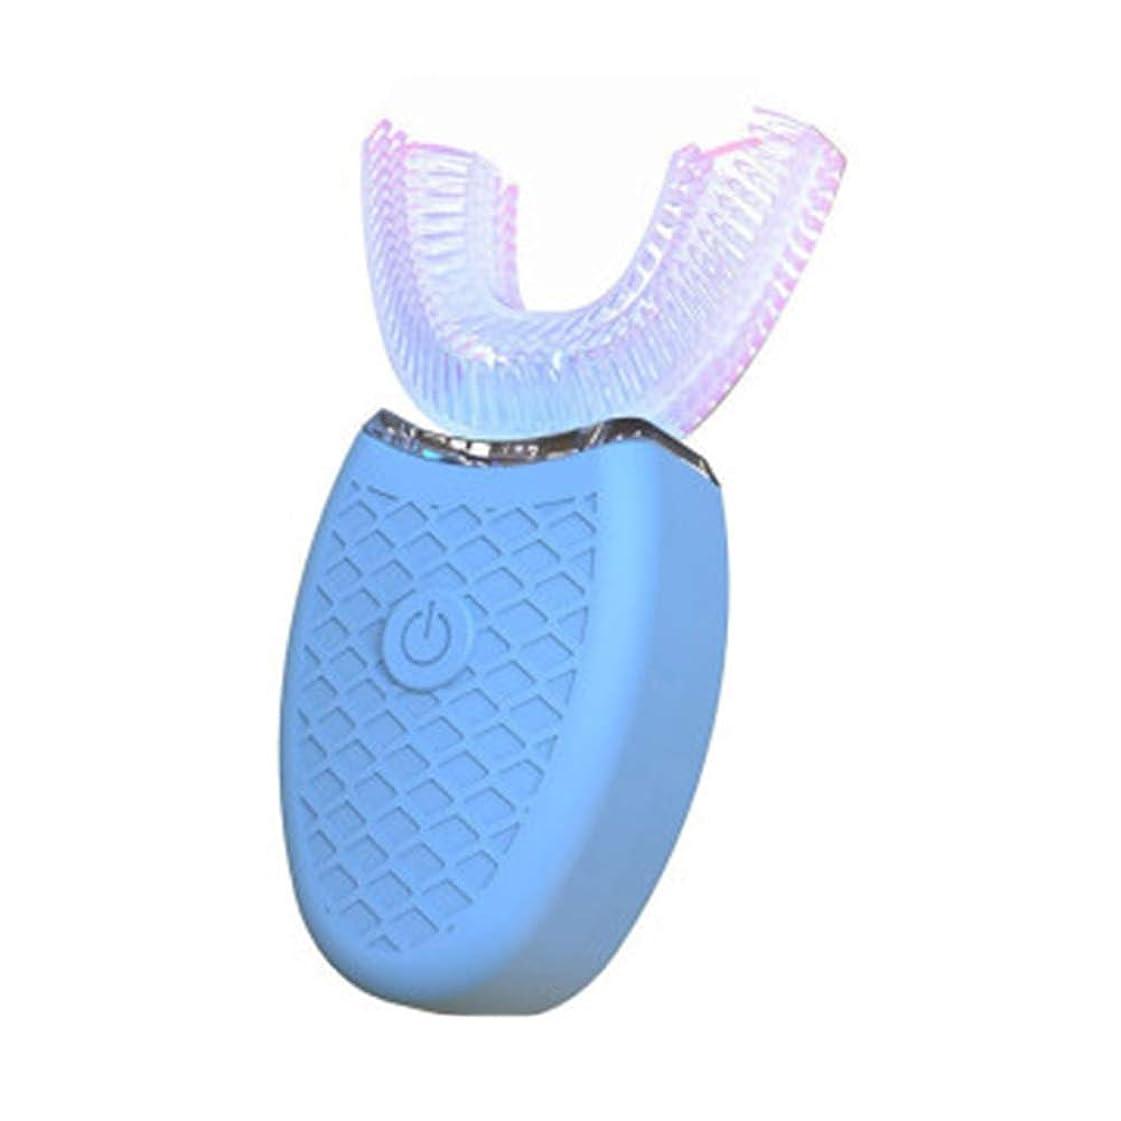 触覚費やす衣服U字型電動歯ブラシ、口腔電動歯ブラシ、U字型電動歯ブラシ交換ヘッド、成人用電動歯ブラシ、電動歯ブラシ-blue